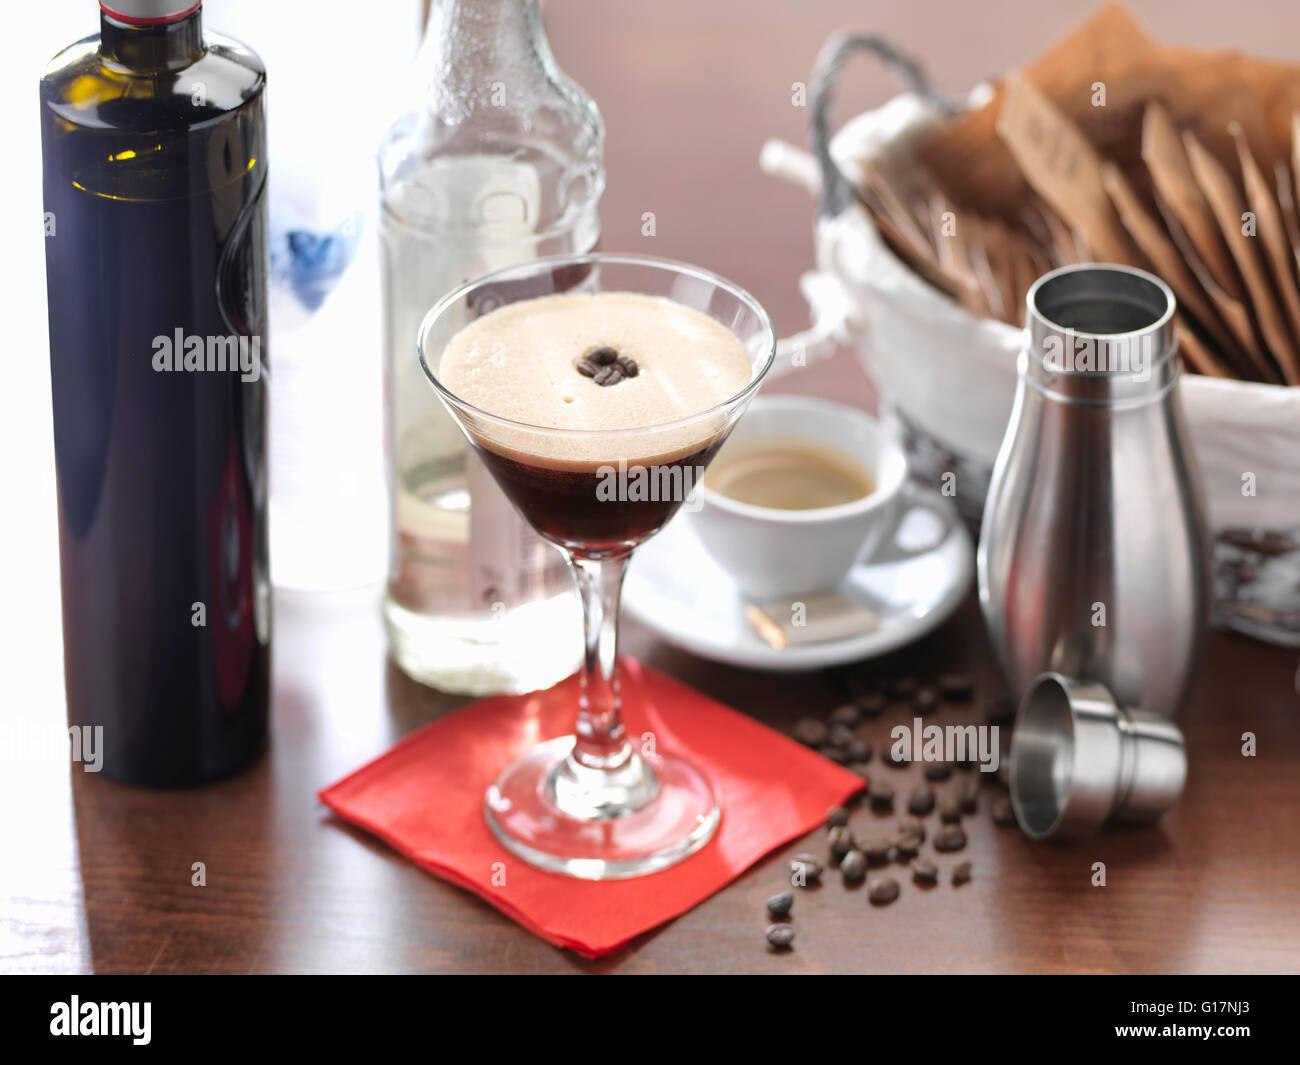 Traditional Italian drink, the Espresso Martini - Stock Image